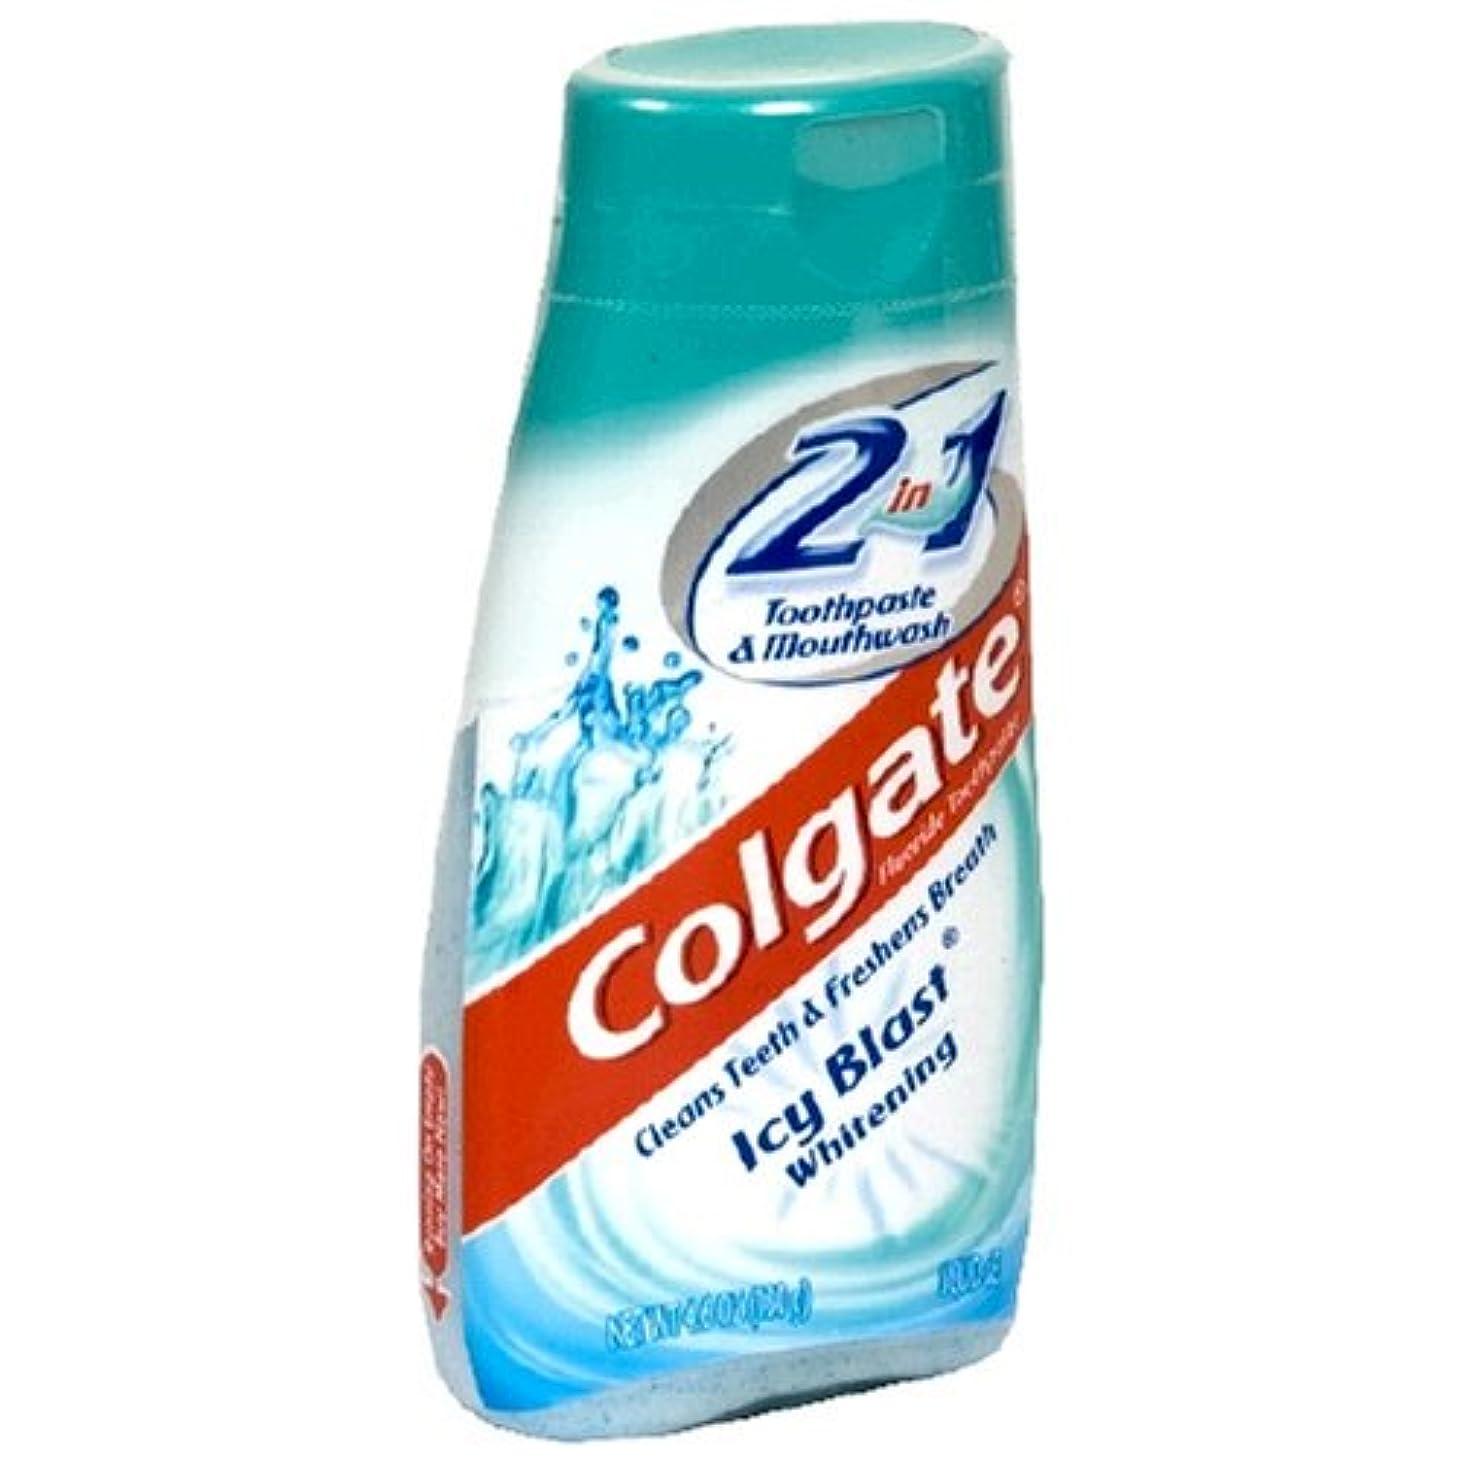 月曜日死ぬ服を洗うColgate 2で1歯磨き粉およびマウスウォッシュ、美白アイシーブラスト - 4.6オズ